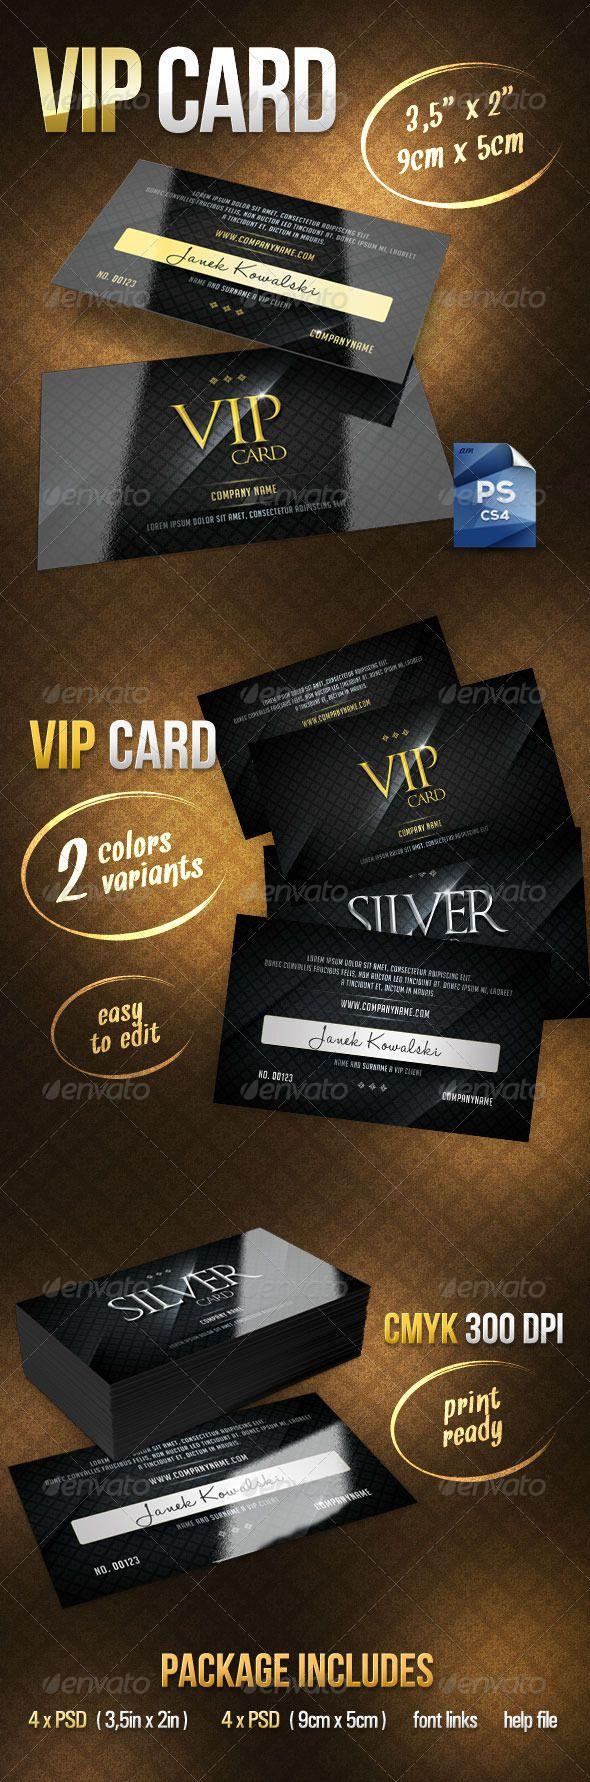 Vip Card | Pinterest | Tarjetas de identificación, Intereses y Tarjetas